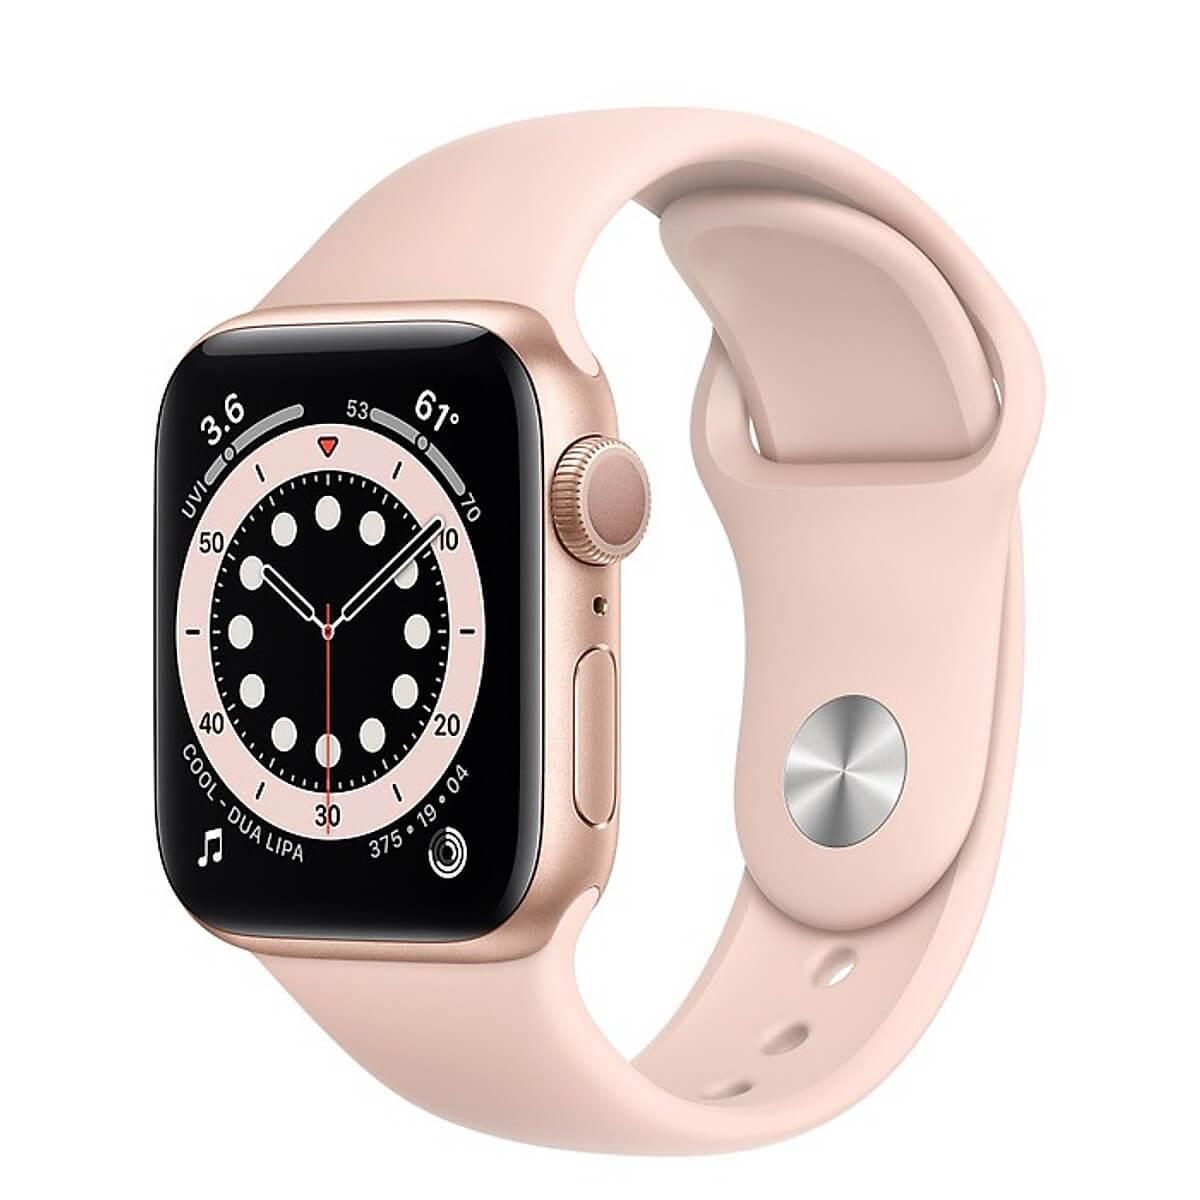 Đồng Hồ Thông Minh Apple Watch Series 6 GPS Only Aluminum Case With Sport Band (Viền Nhôm & Dây Cao Su) 40mm - Hàng Chính Hãng